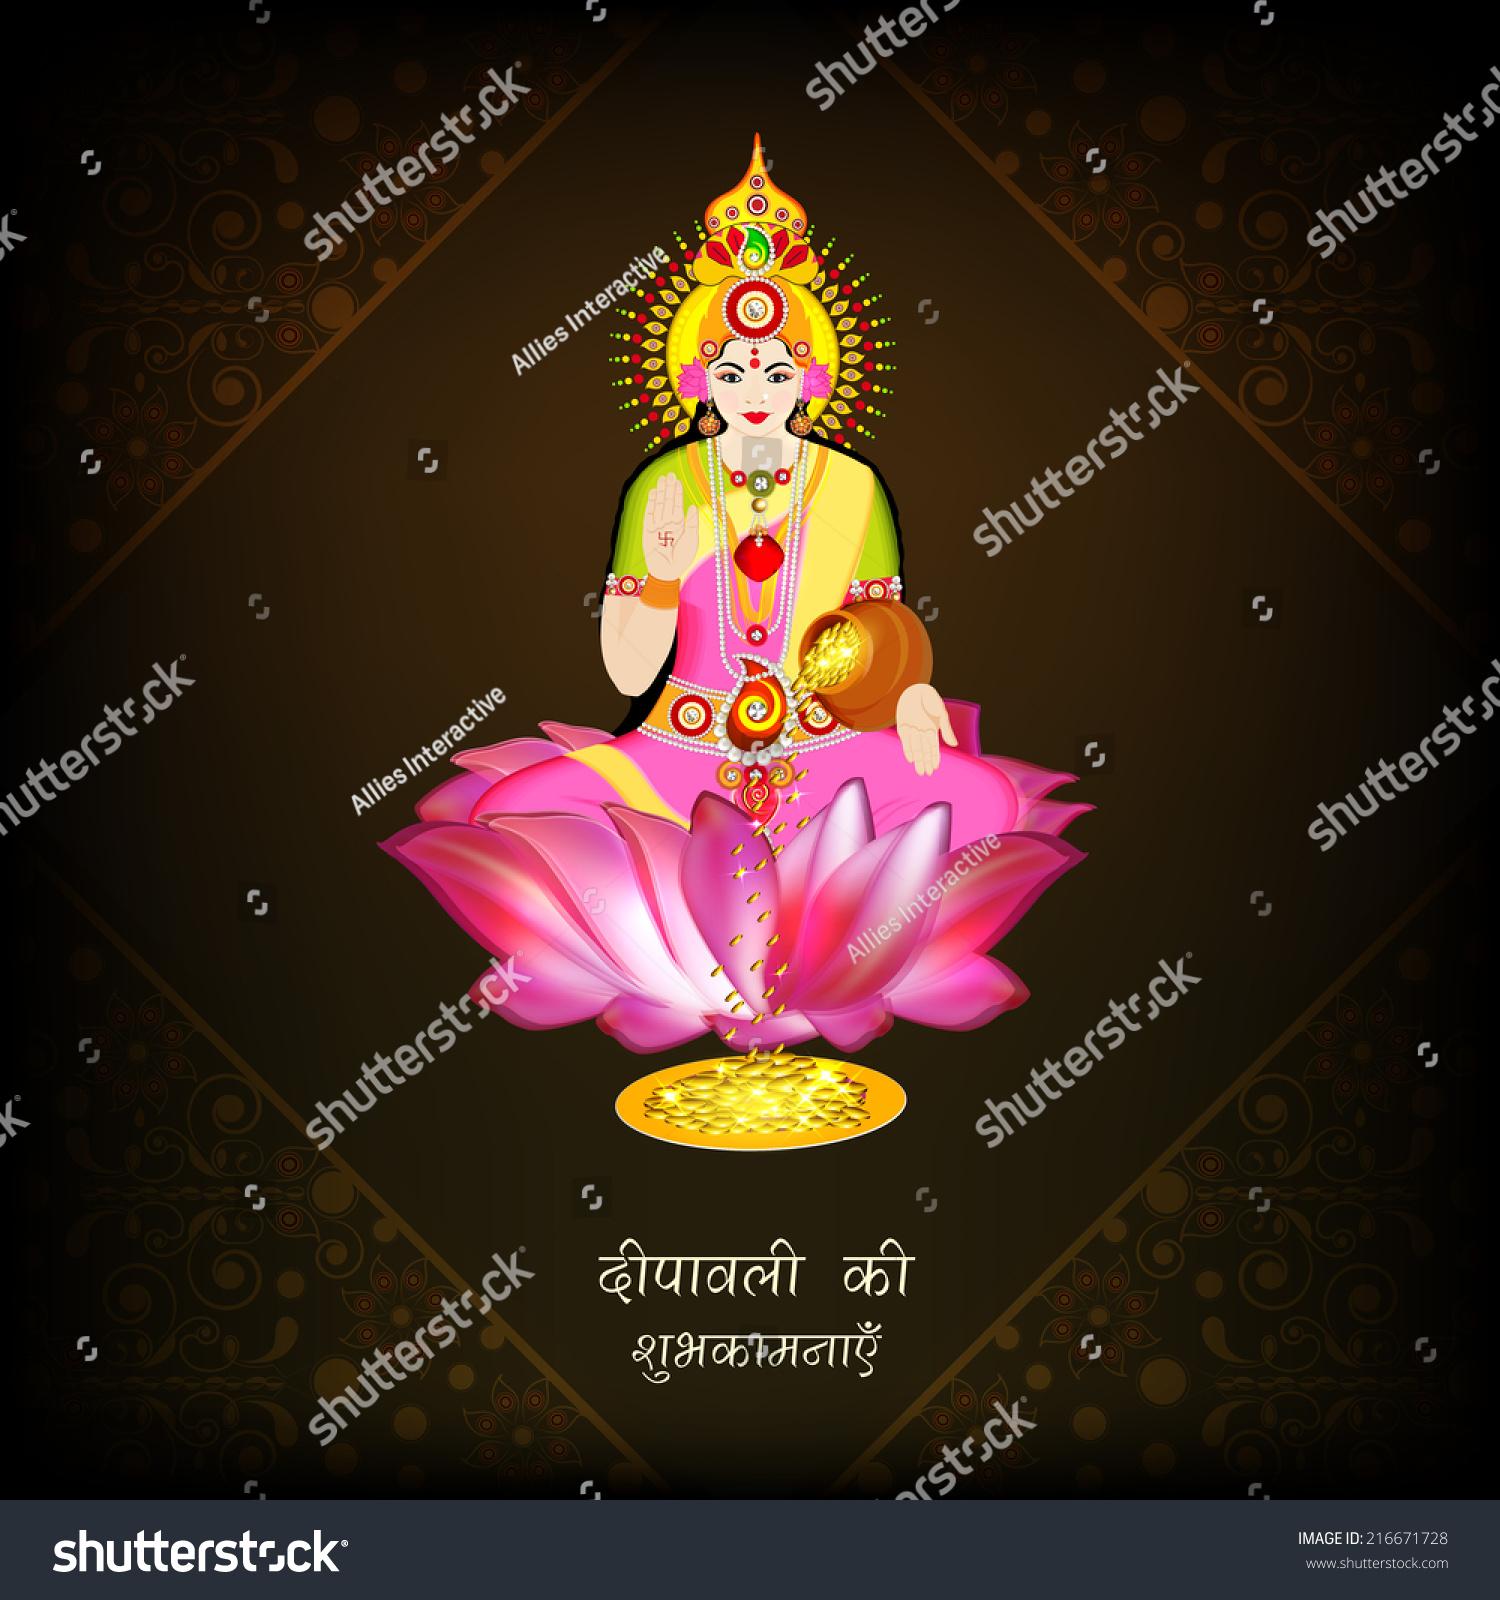 Hindu Mythological Goddess Laxmi Giving Blessings On